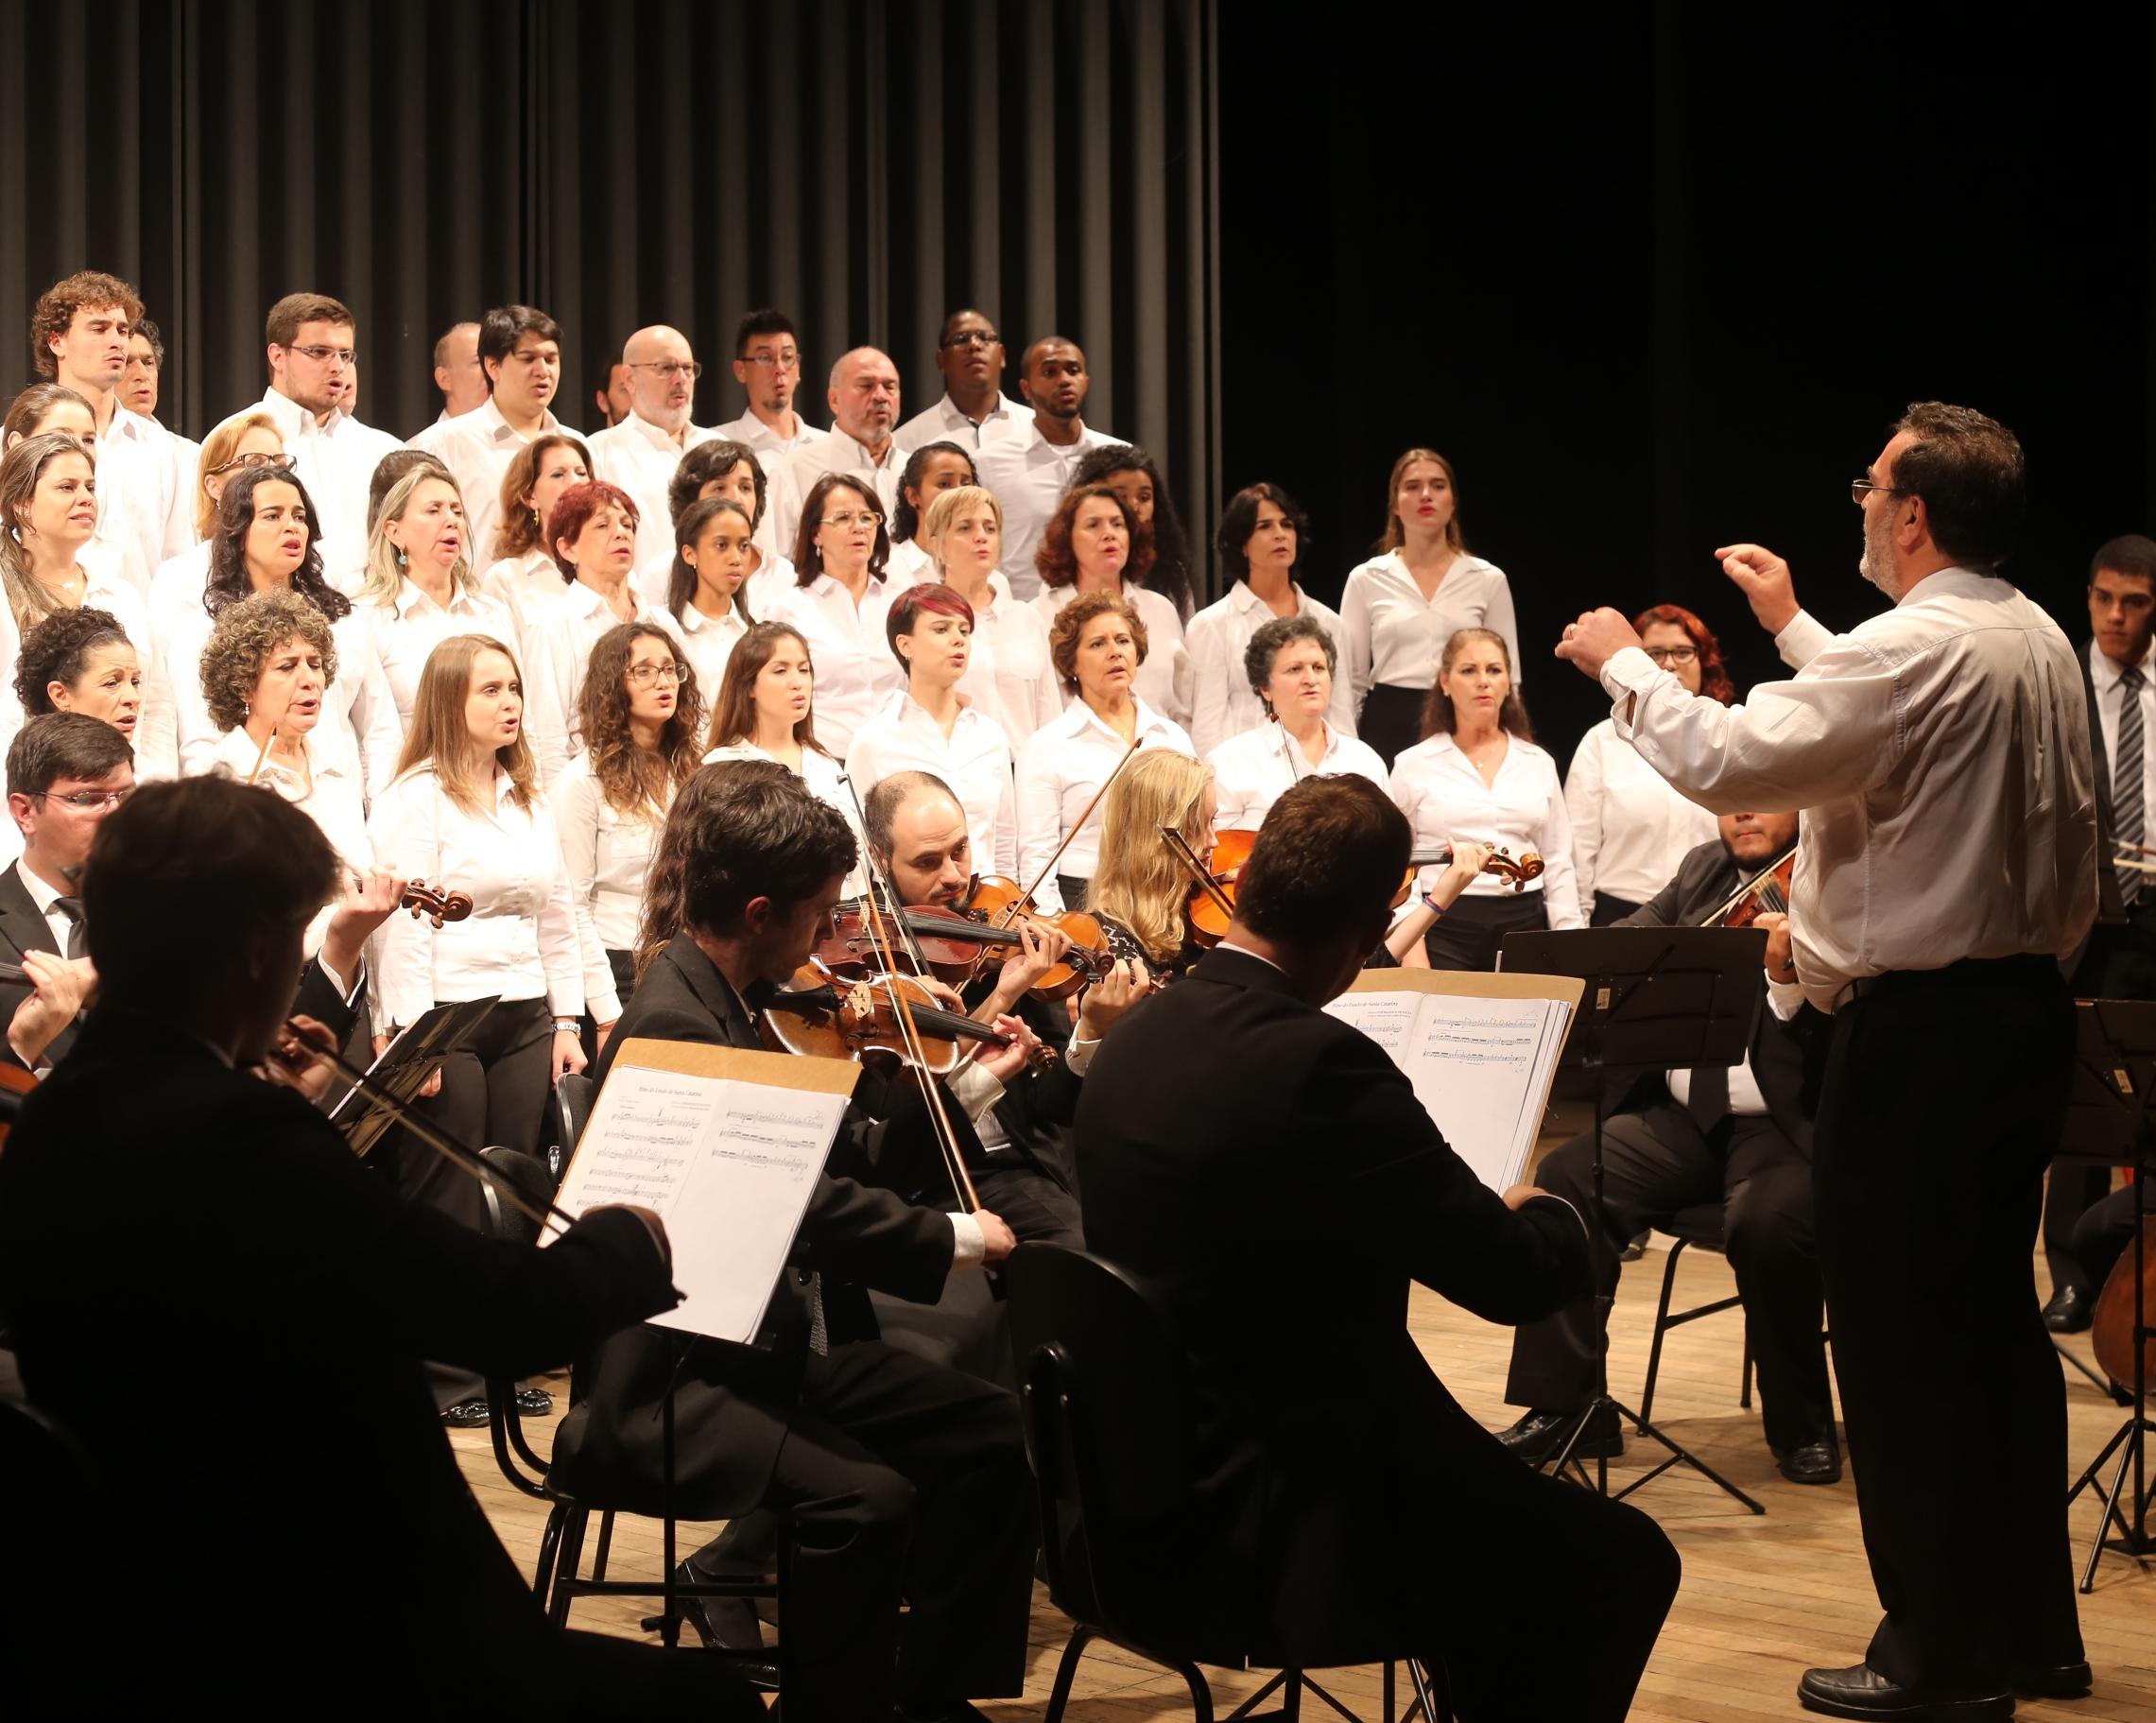 Coral e Orquestra da Udesc apresentam concerto de fim de ano em Florianópolis - Divulgação/ND